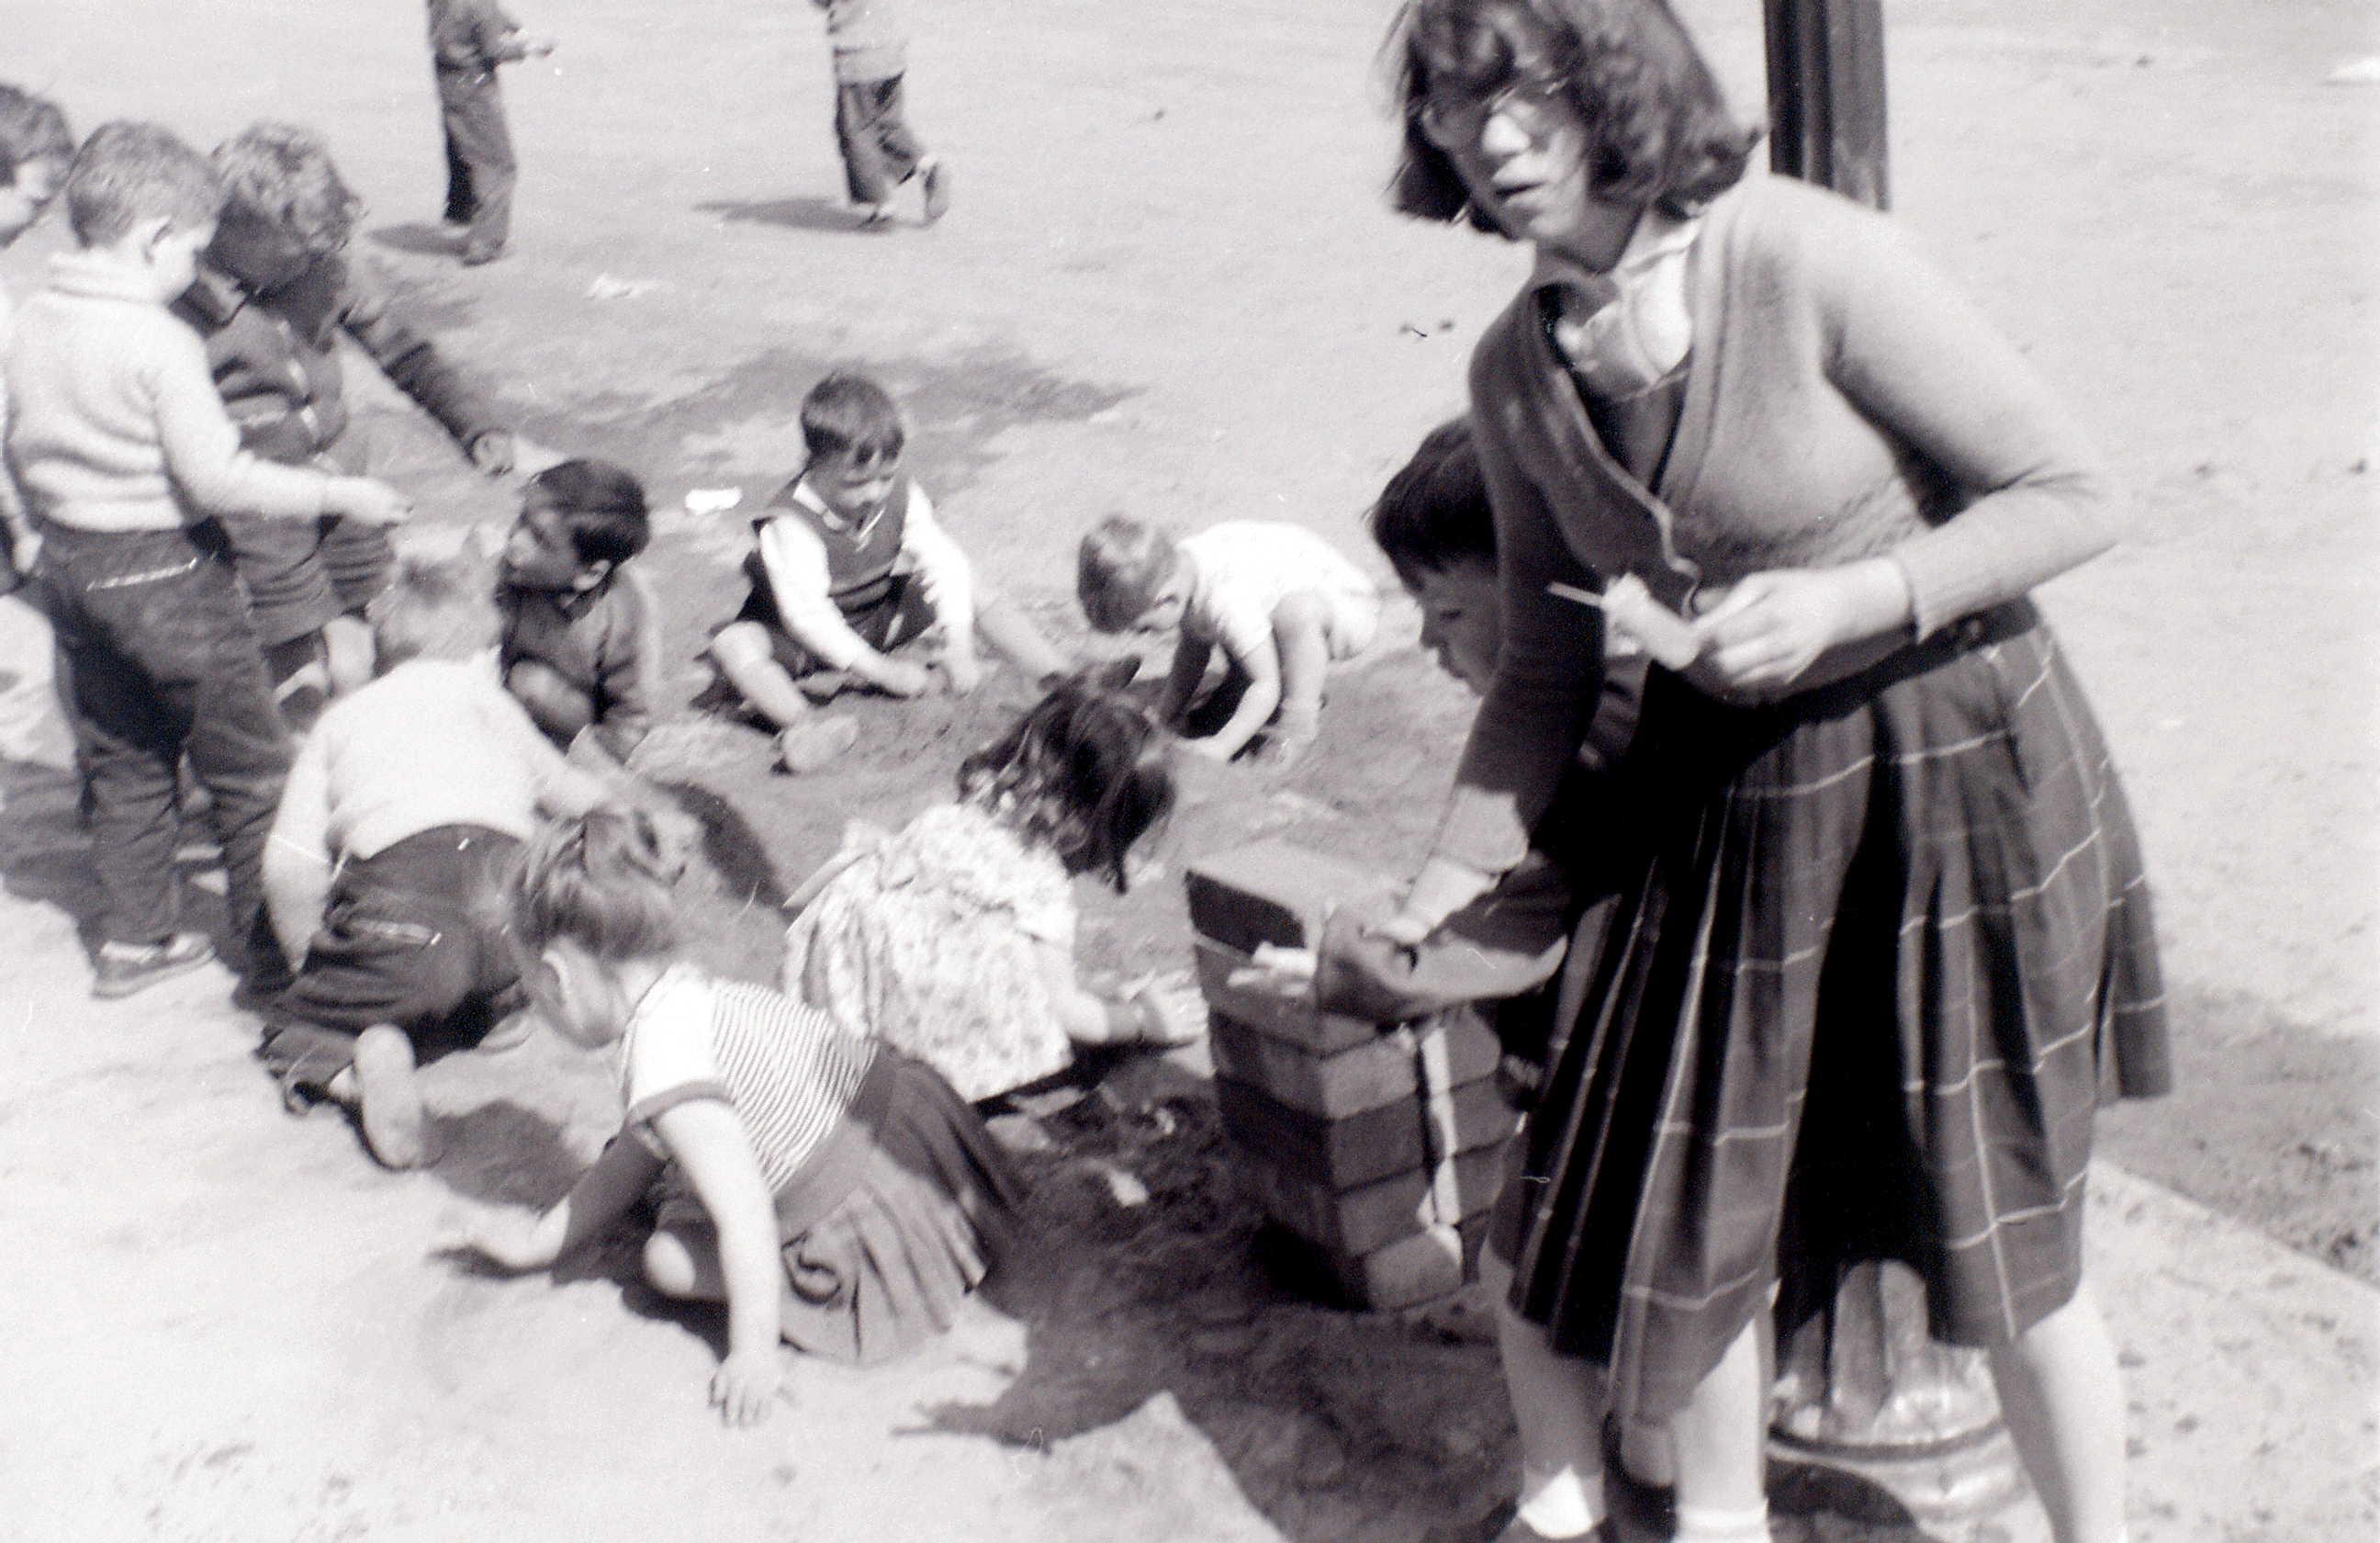 Горбалс, Глазго, 19 апреля 1960 3.jpg